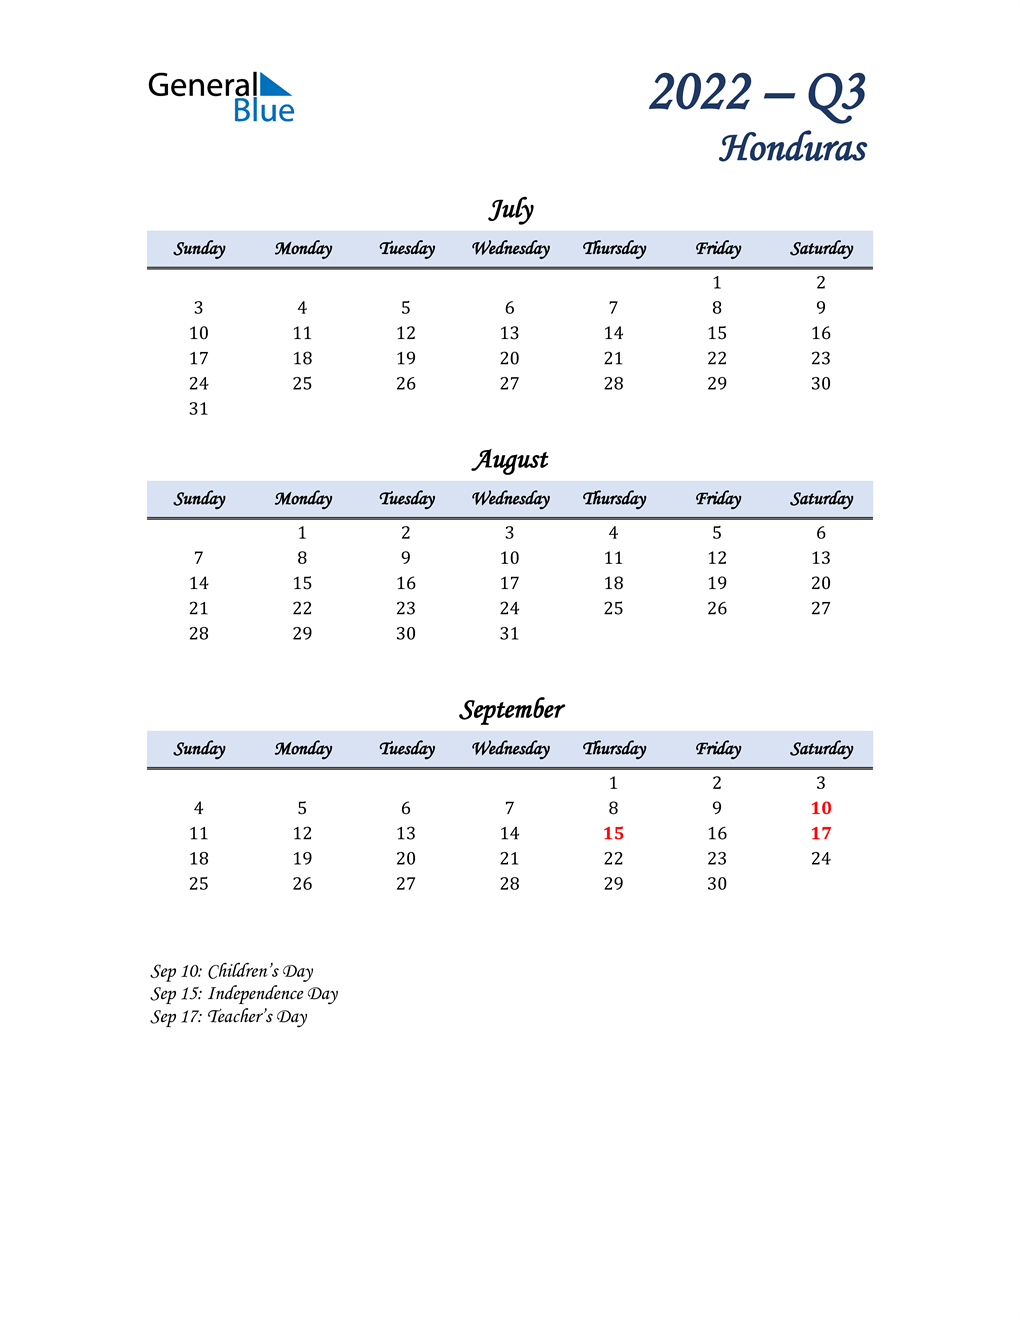 July, August, and September Calendar for Honduras